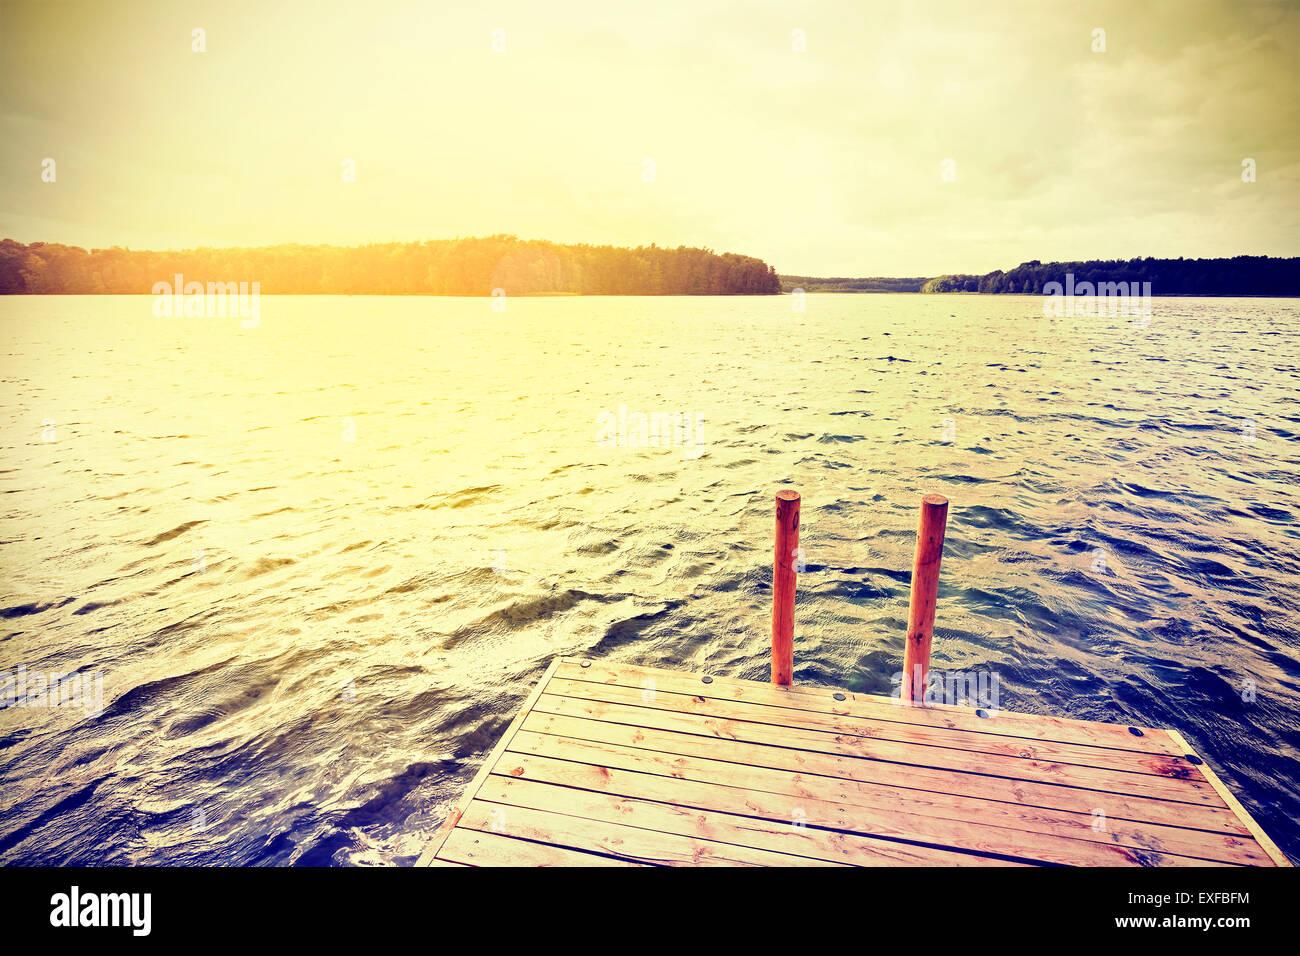 Vintage filtrada instagram muelle de madera al atardecer. Imagen De Stock